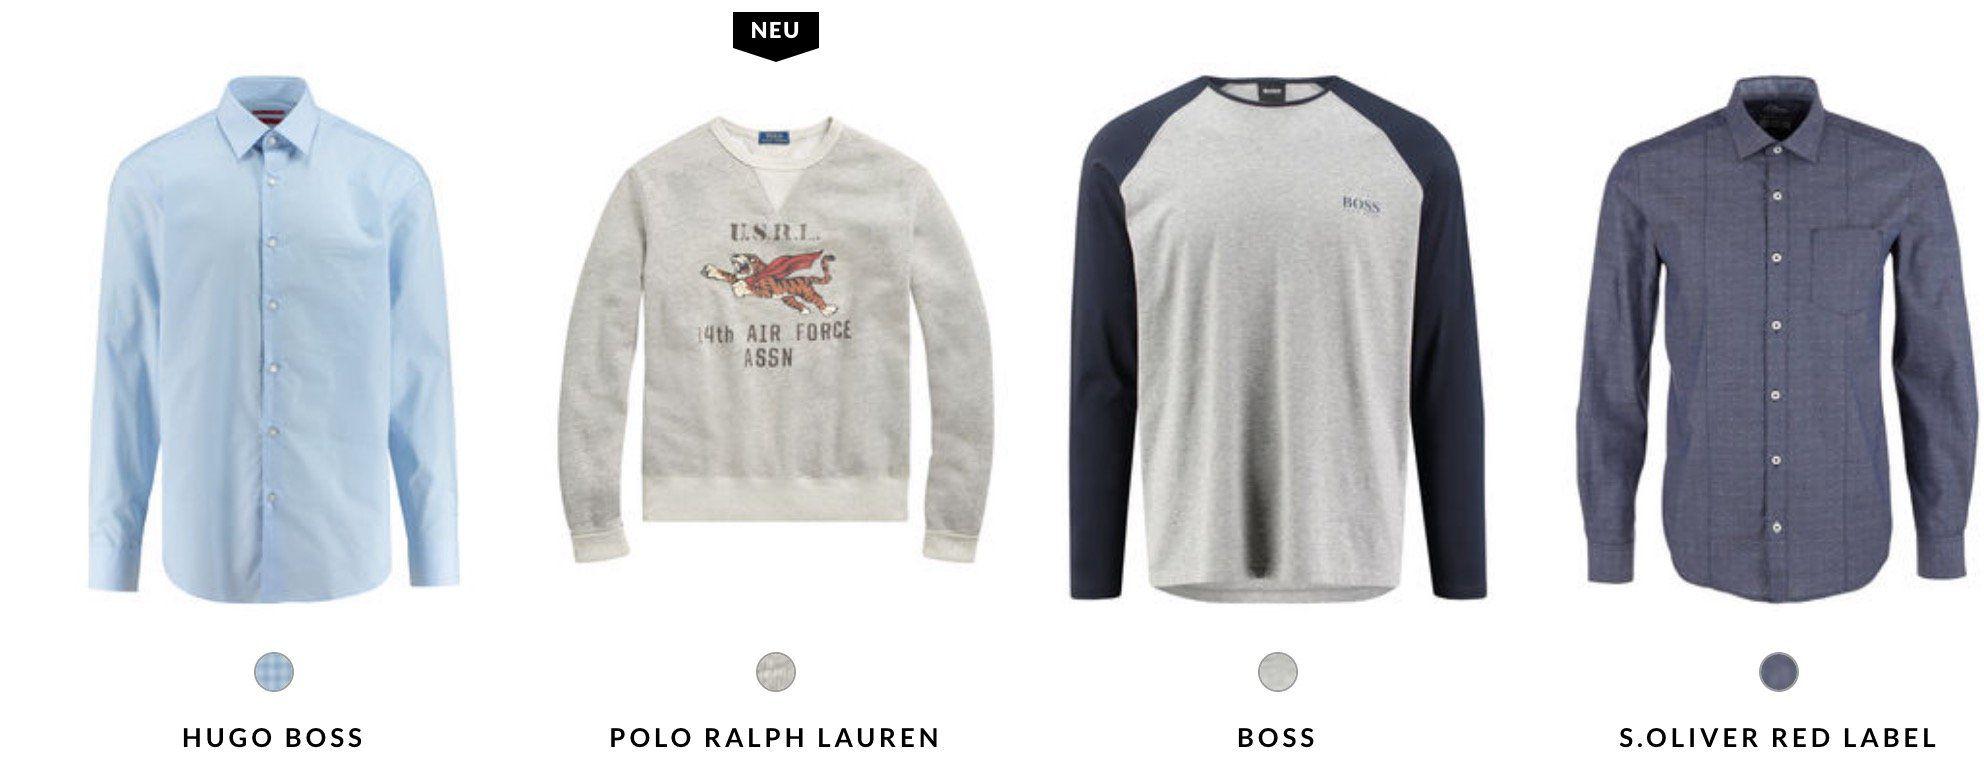 15% Rabatt auf ausgewählte Marken Klamotten bei engelhorn mit Amazon Pay